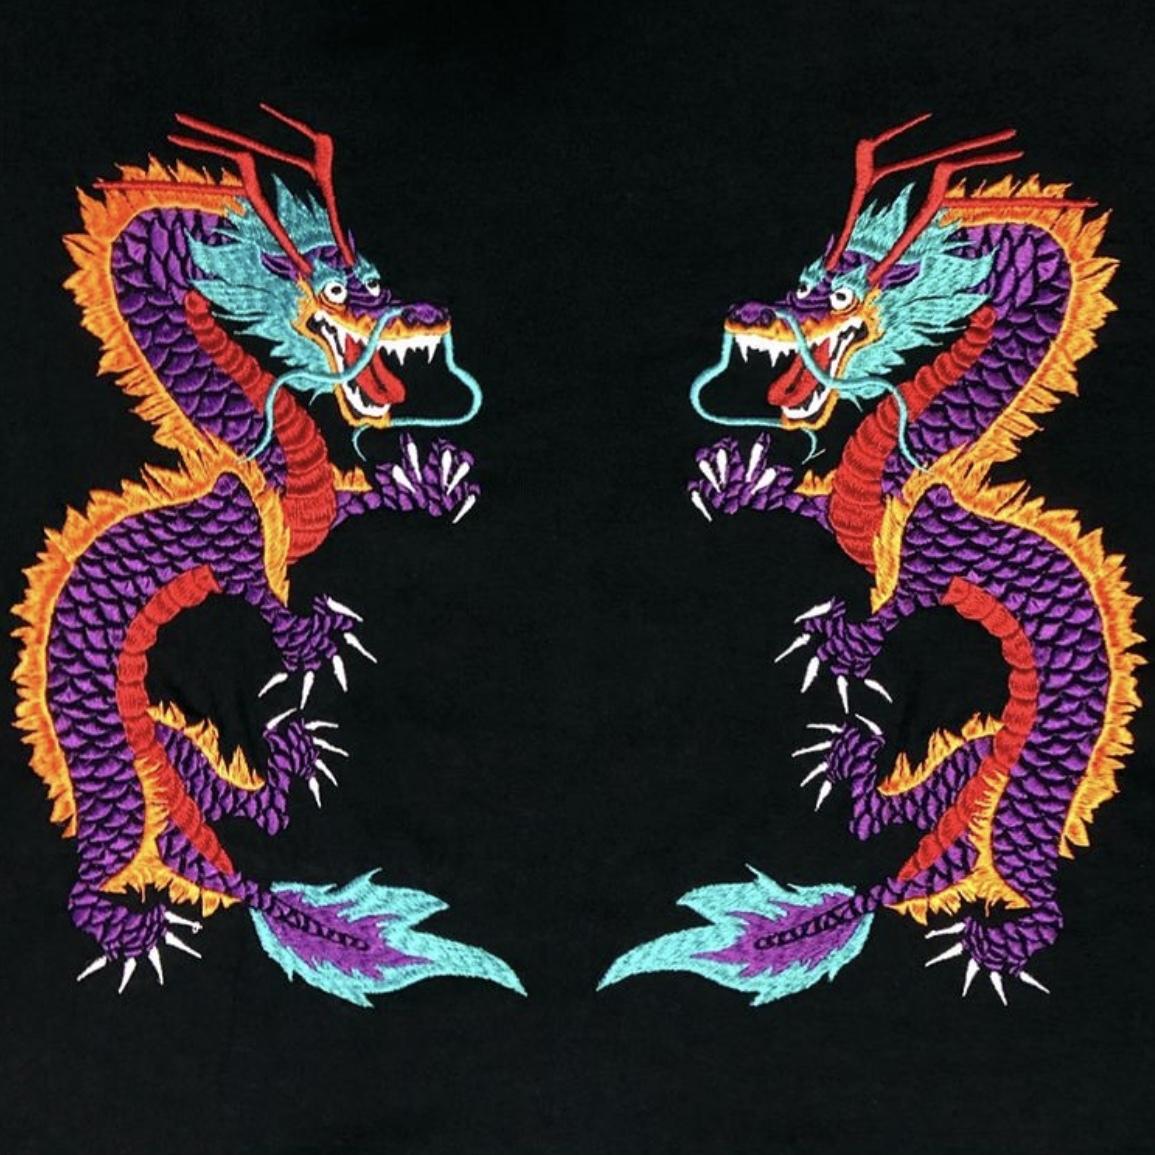 刺繍パーカー(ドラゴン/黒)